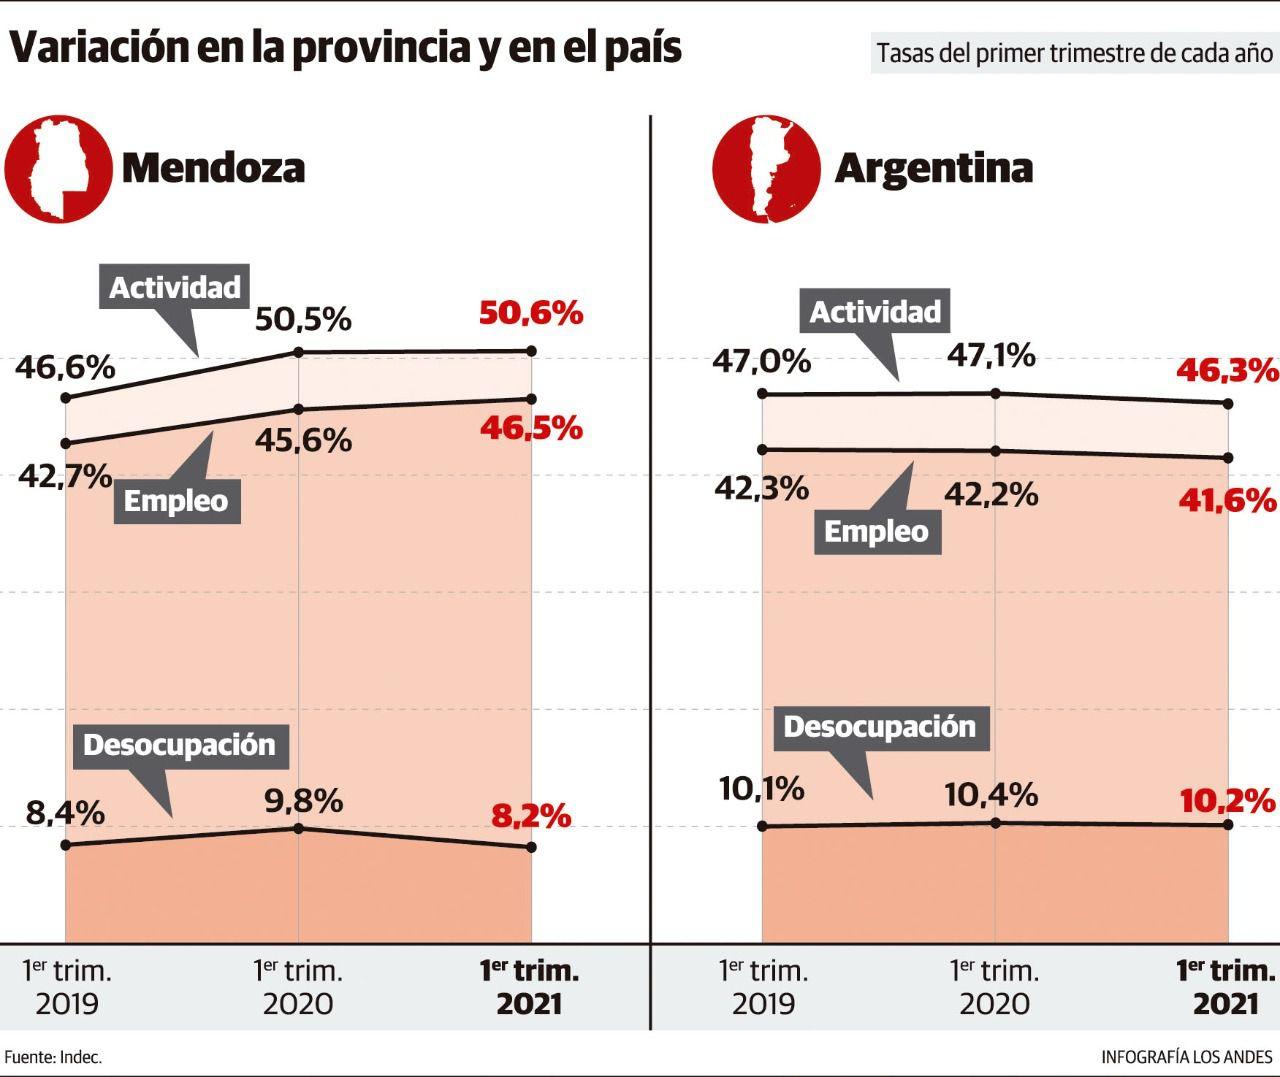 Mendoza volvió a los niveles de desempleo pre pandemia